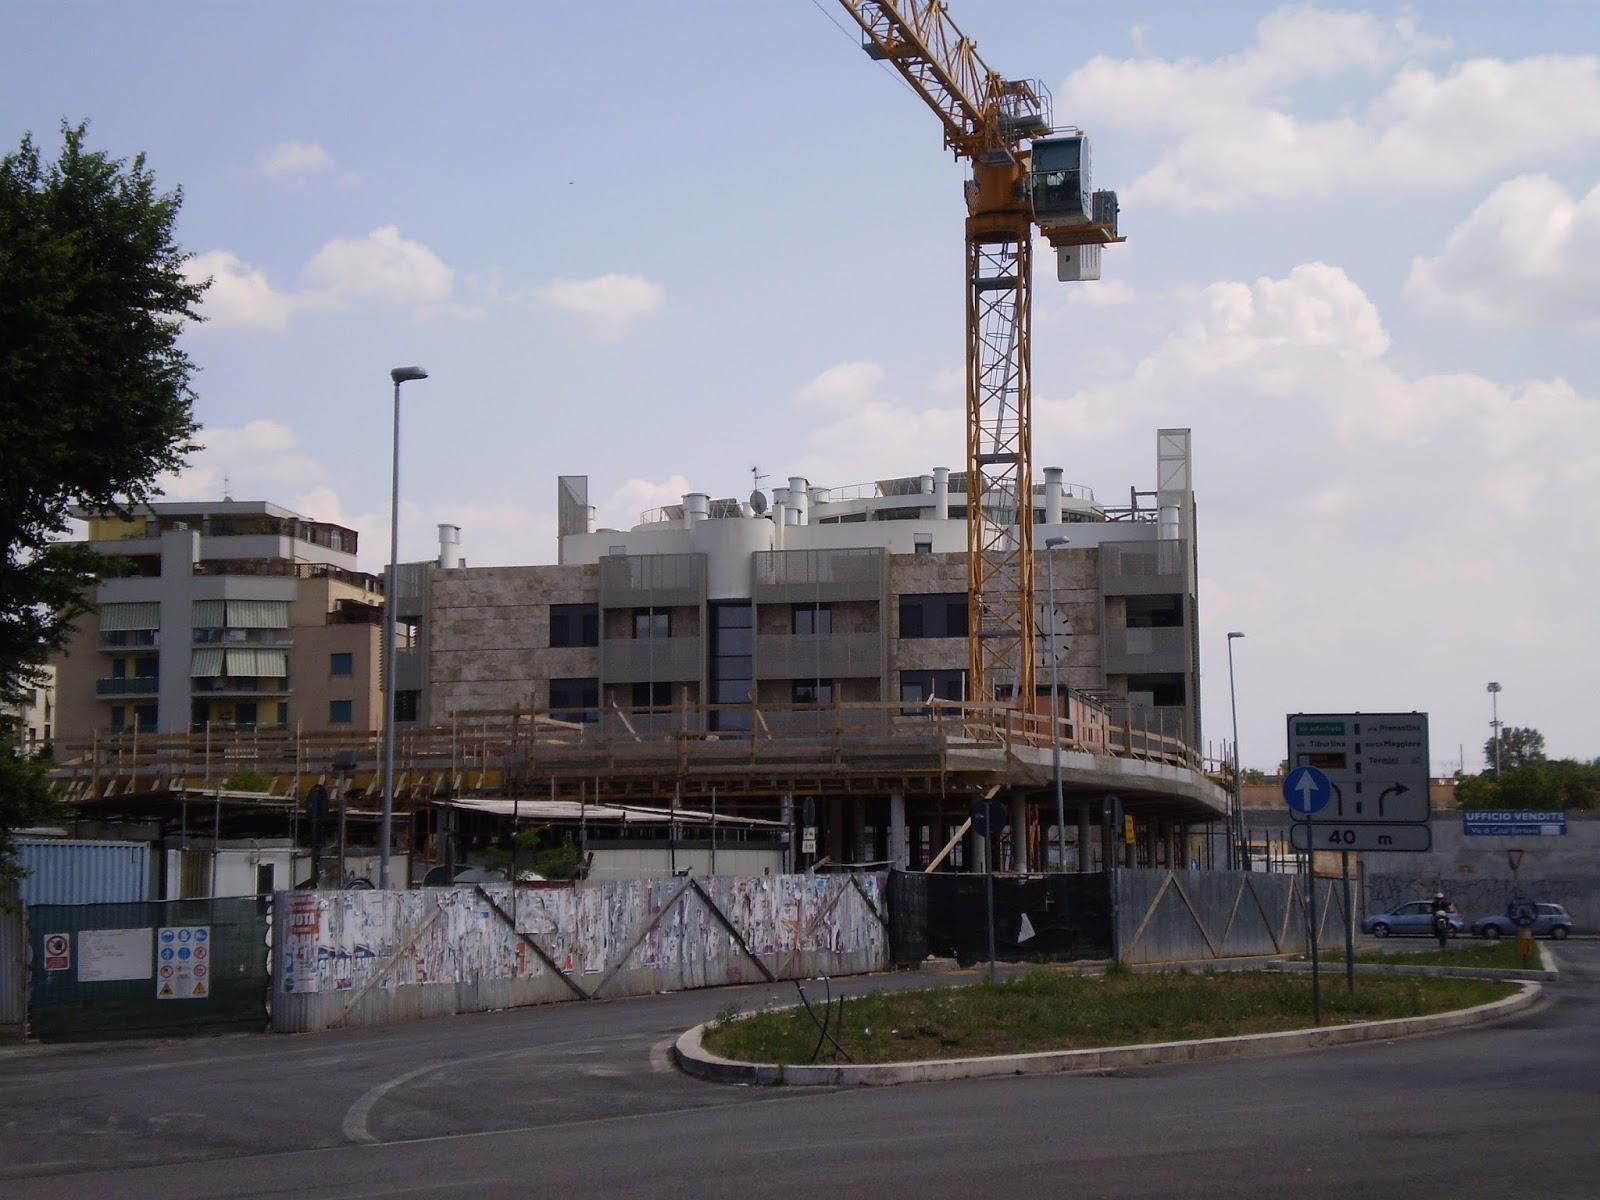 Nuovo mercato di Casal Bertone  Urbanfile Blog